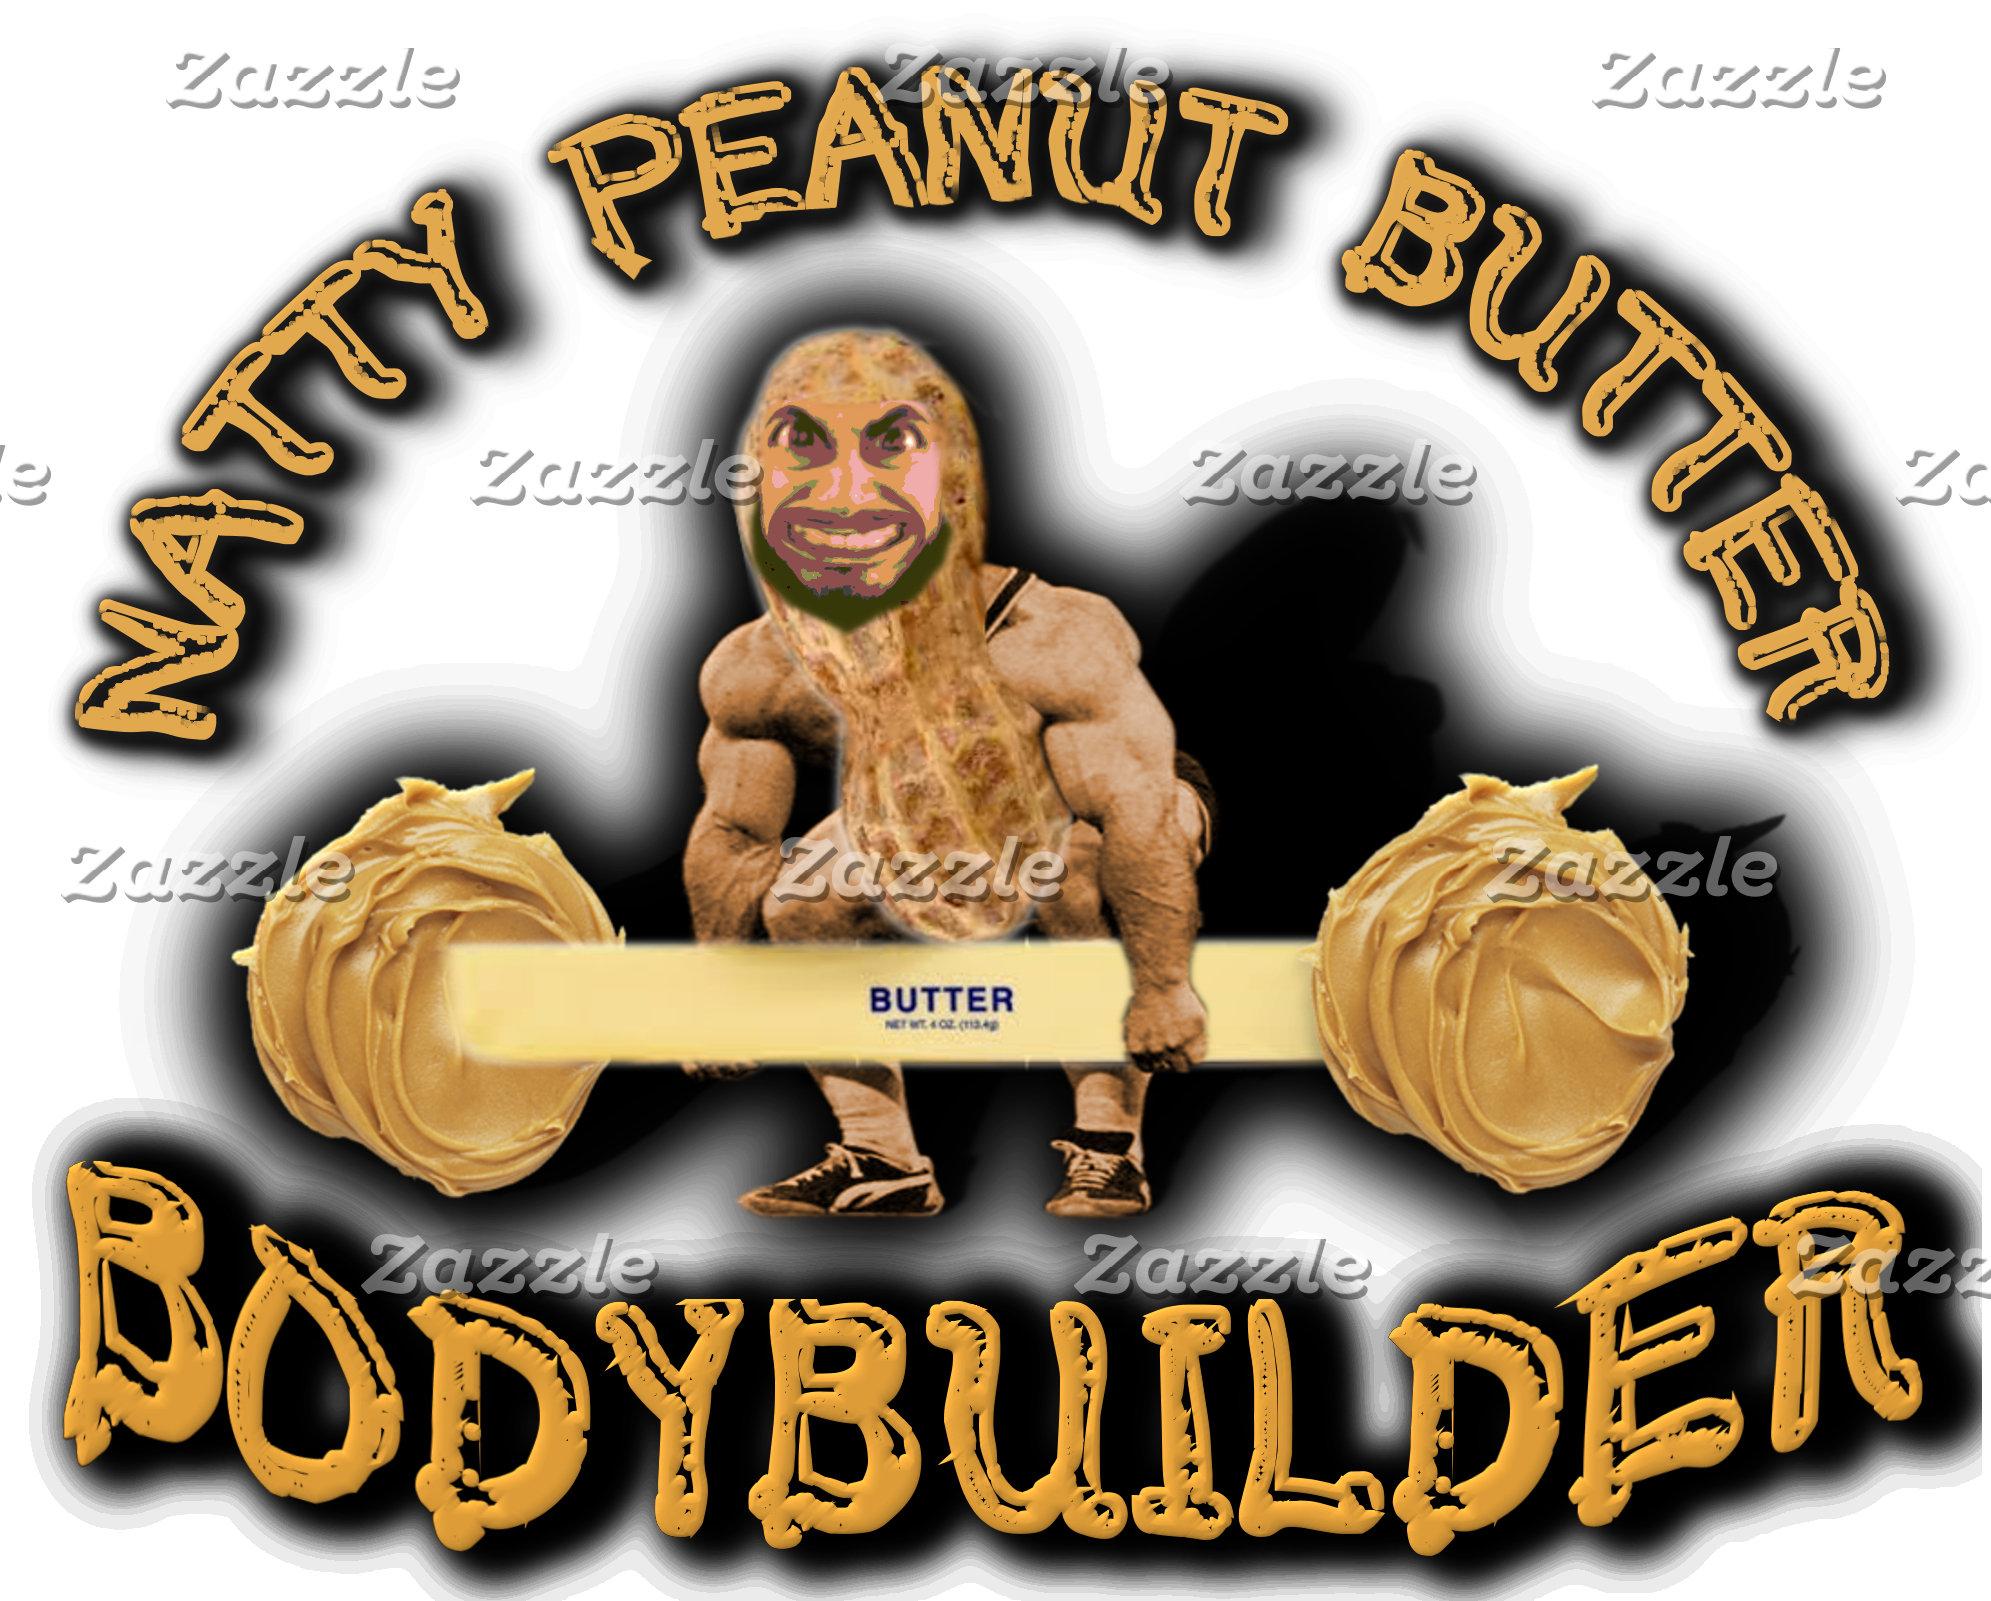 Natty Peanut Butter Bodybuilder